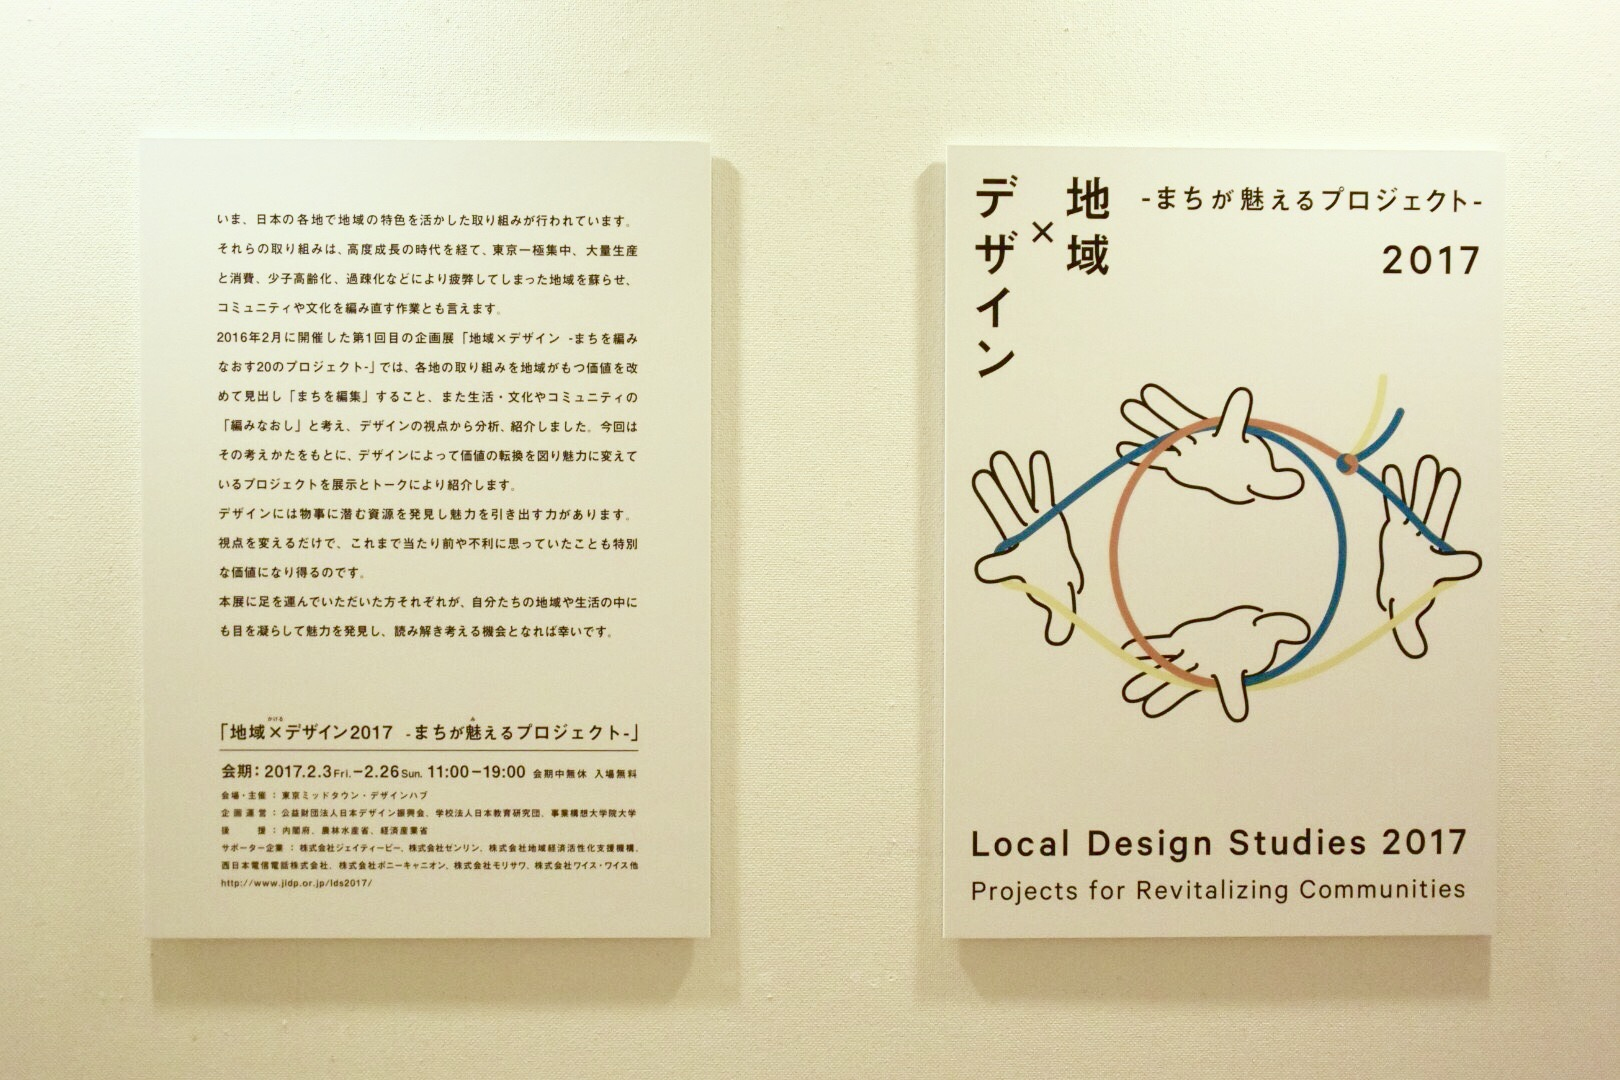 地域×デザイン2017 -まちが魅えるプロジェクト- 概要パネル